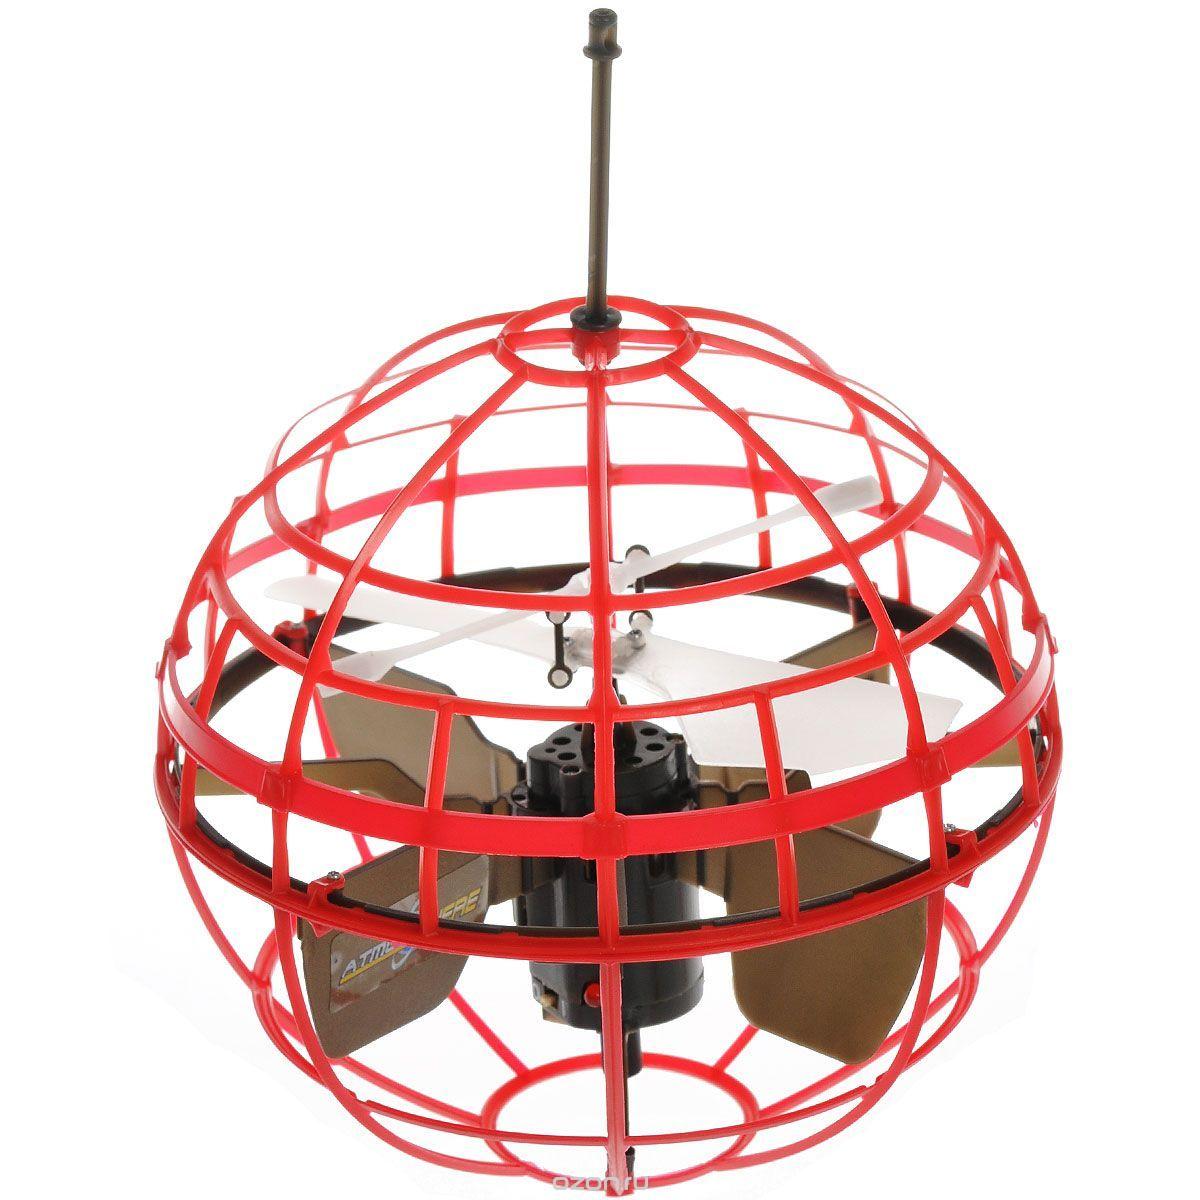 Air Hogs Игрушка на радиоуправлении Atmosphere Axis цвет красный44475Фантастическое зрелище полета шара, напоминающее кадры захватывающих фильмов и мультсериалов, обязательно увлекут всех членов семьи. Подарок для ребенка вскоре станет любимым развлечением и у взрослых. Минимальная продолжительность зарядки и достаточно высокая скорость движения позволят устроить целое представление, сопровождаемое различными трюками в воздухе. Повышенный интерес к радиоуправляемым игрушкам обусловлен колоссальным развивающим воздействием. Летающий шар AirHogs позволит ребенку освоить азы аэродинамики, изучить некоторые аспекты электромагнетизма. Новинка рекомендована для занятий с детьми с 8 лет. Однако приобрести ее могут также взрослые поклонники радиоуправляемых моделей. На выбор покупателей интернет-магазин игрушек предложил сразу несколько вариантов летающего шара. Подарок мальчику может быть зеленым, синим или красным. Товар реализуется в индивидуальной, фирменной упаковке, вместе с зарядным устройством и инструкциями.